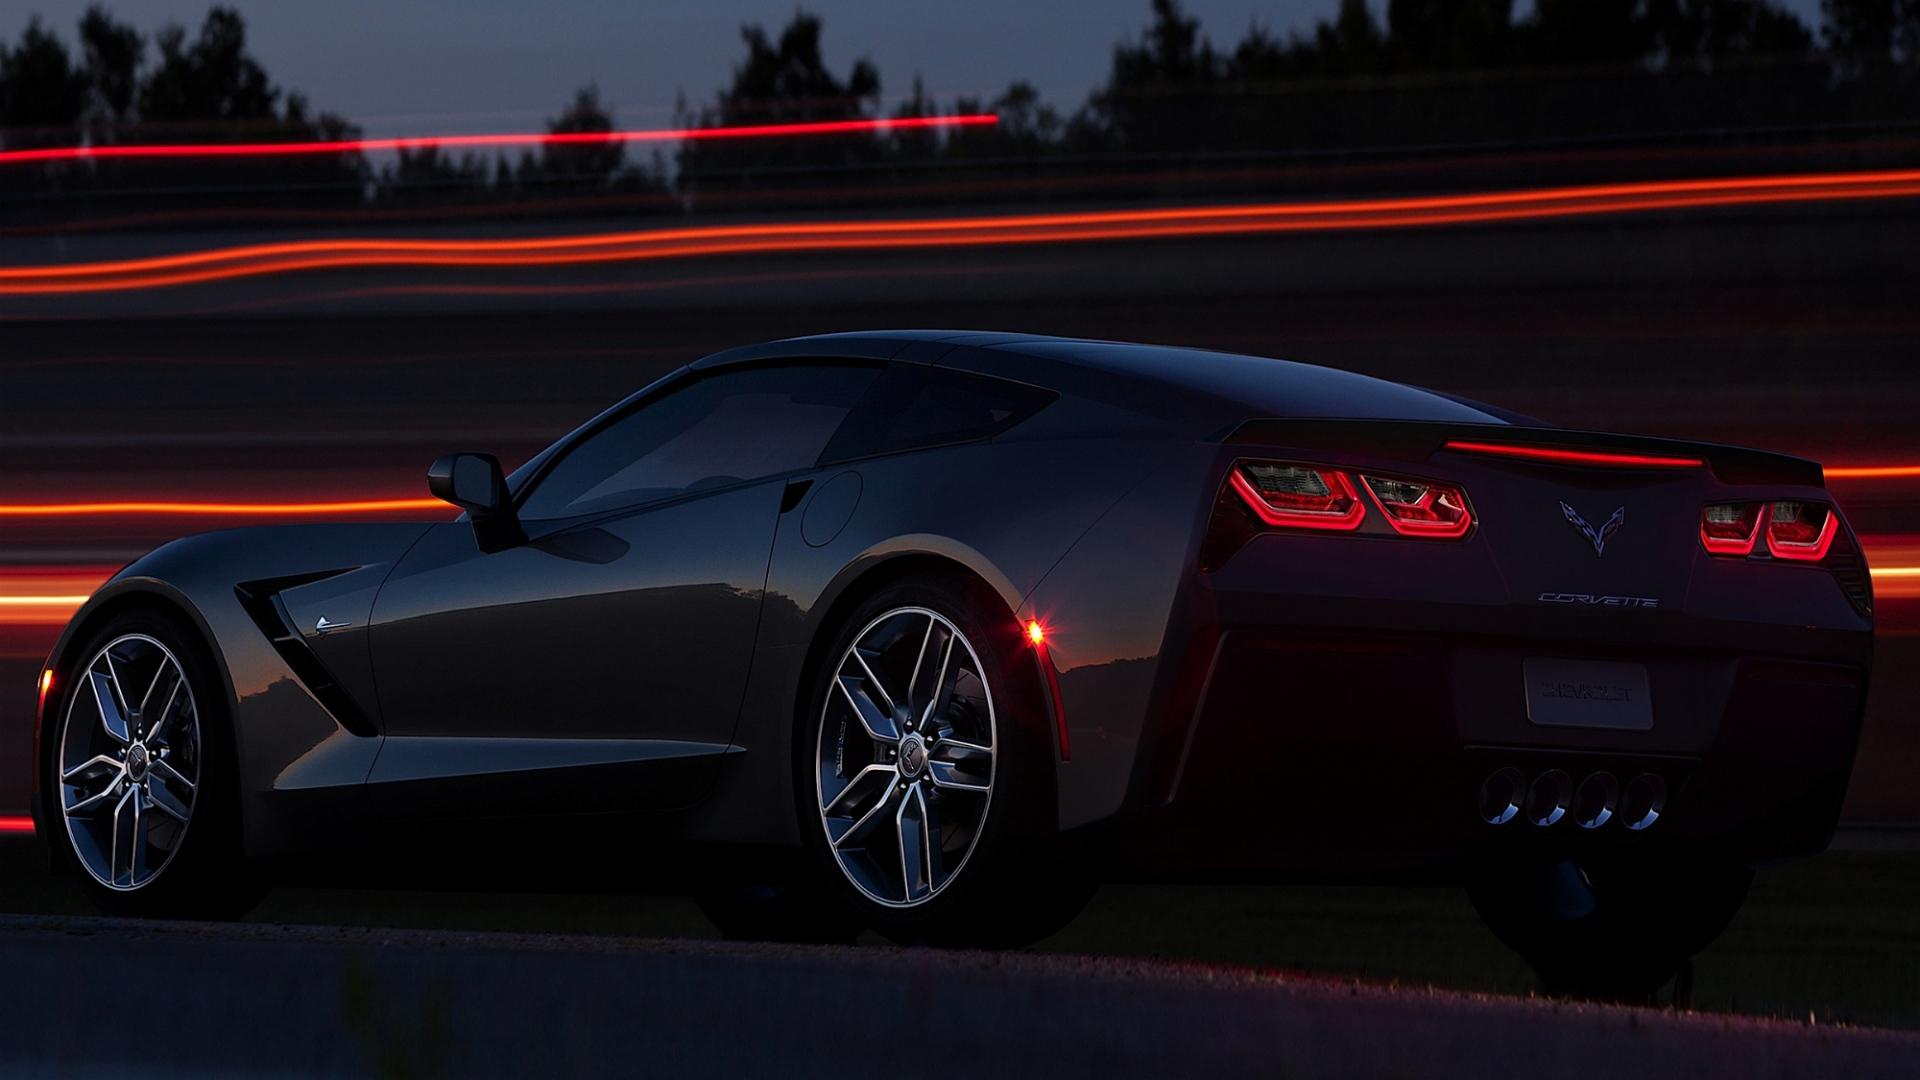 Corvette HD Wallpapers 1080p - WallpaperSafari